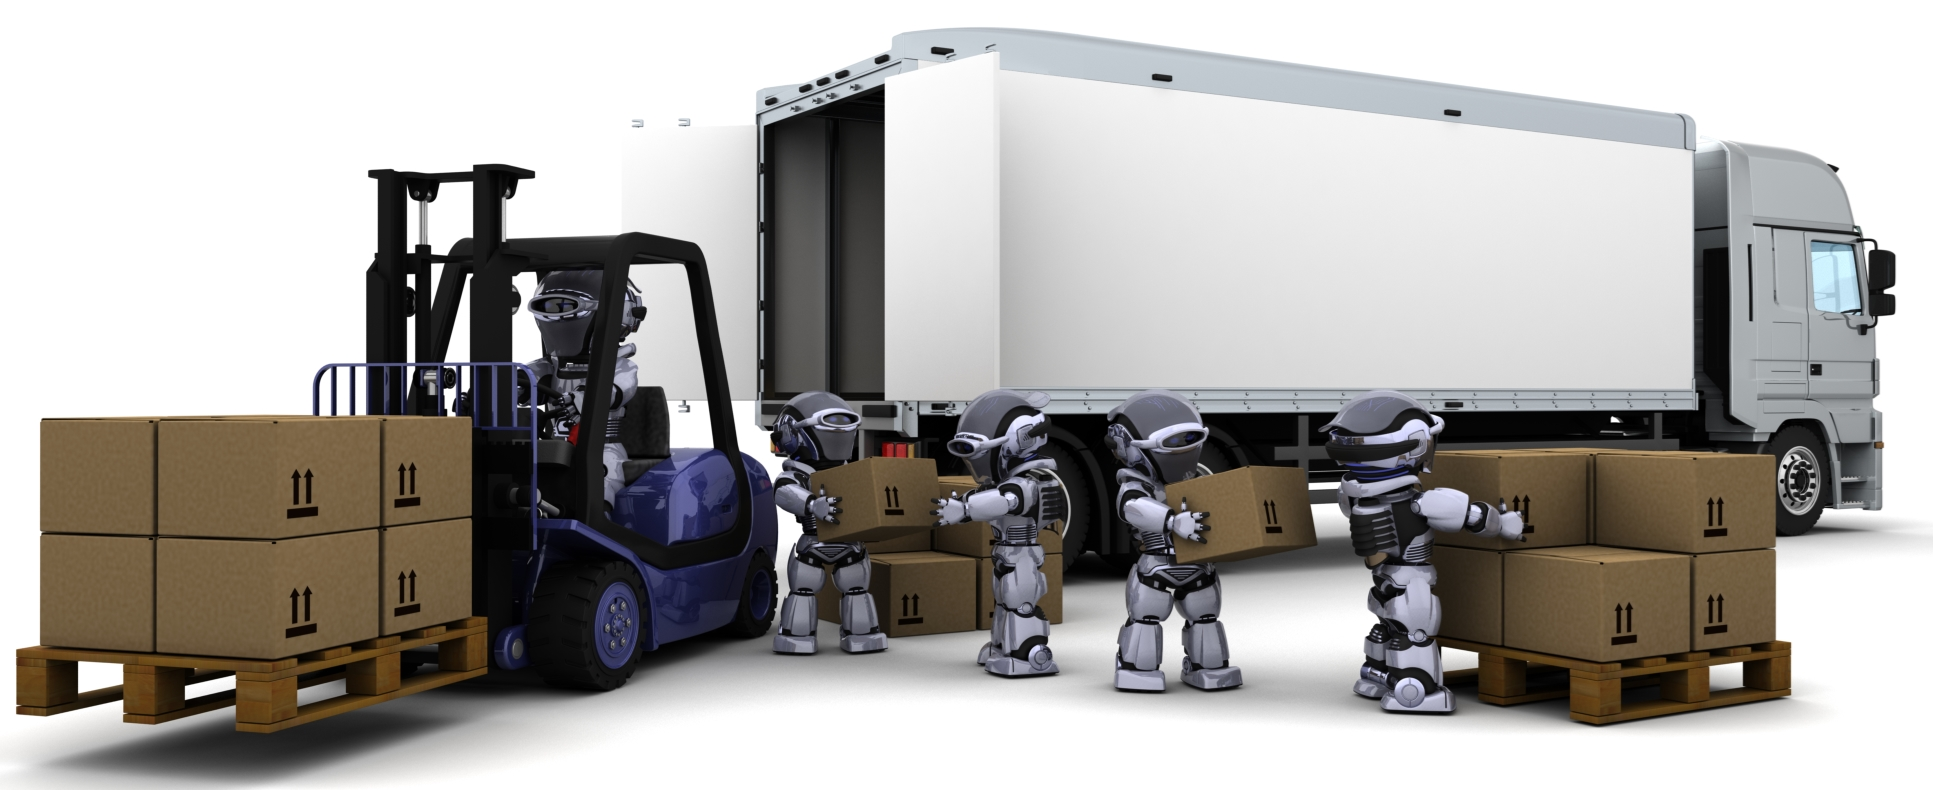 A te munkádat is átveszik a robotok?